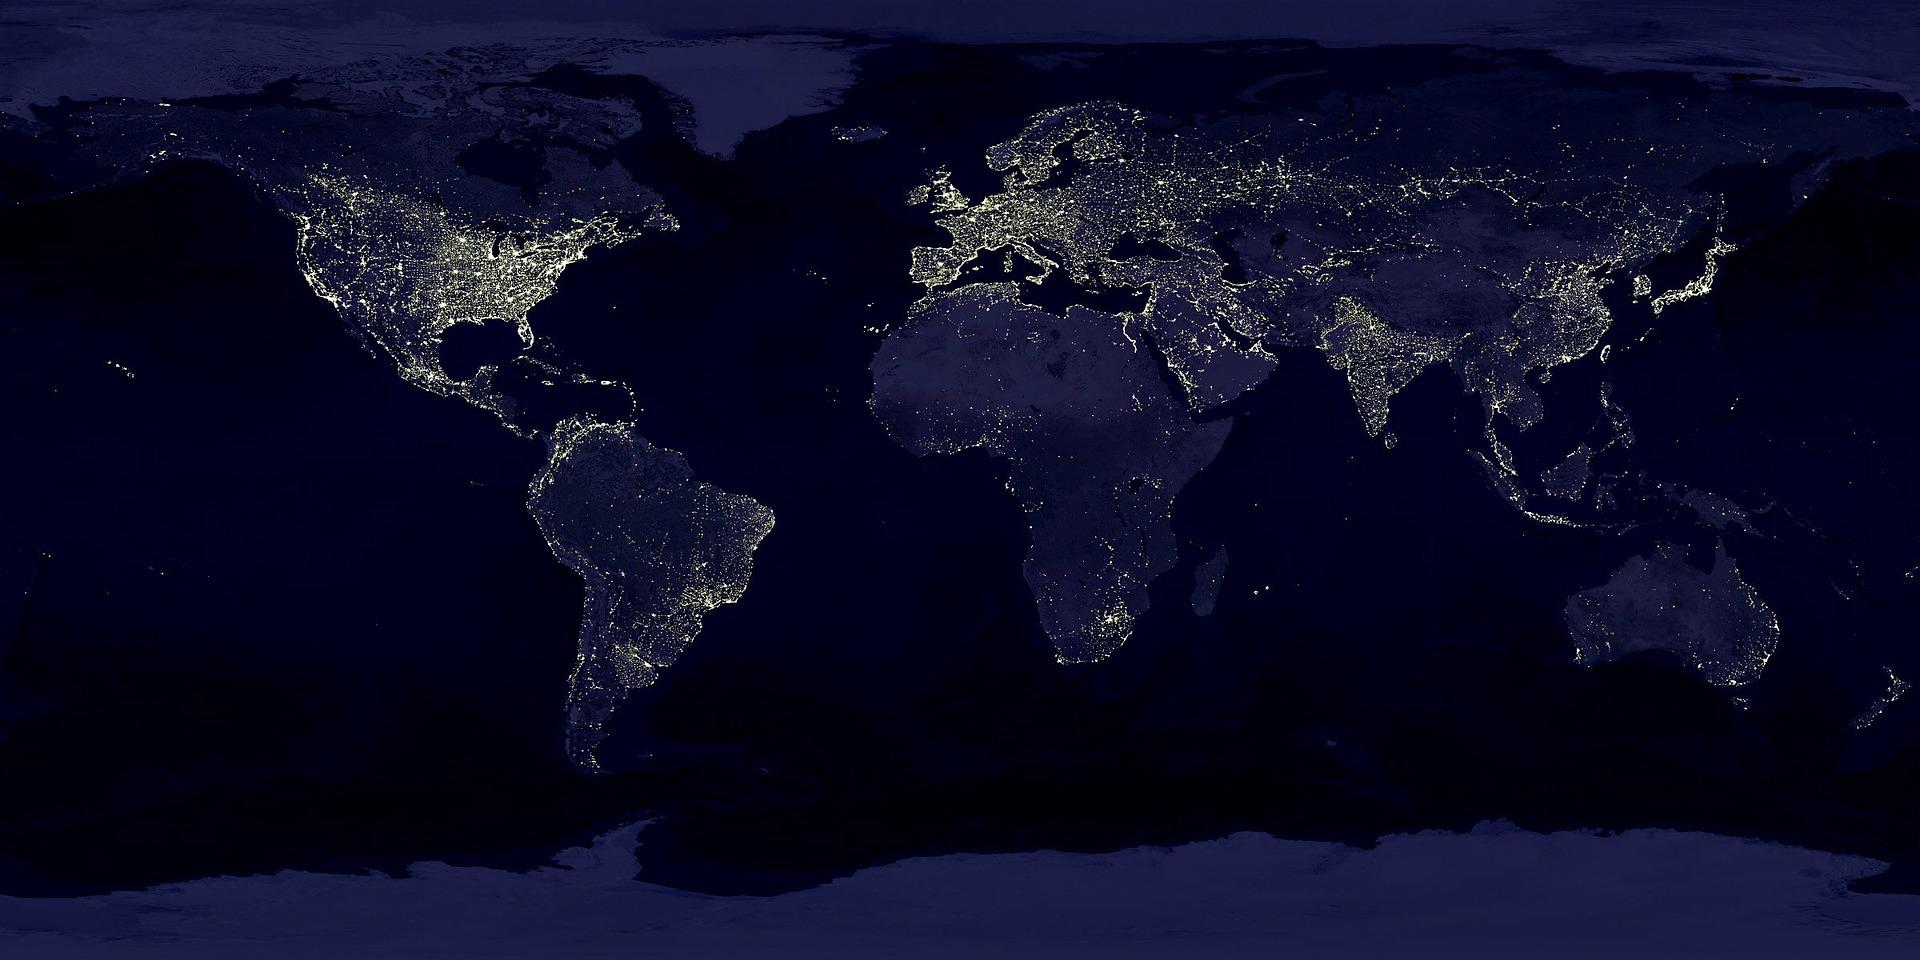 Remote Sensing / Earth Observation